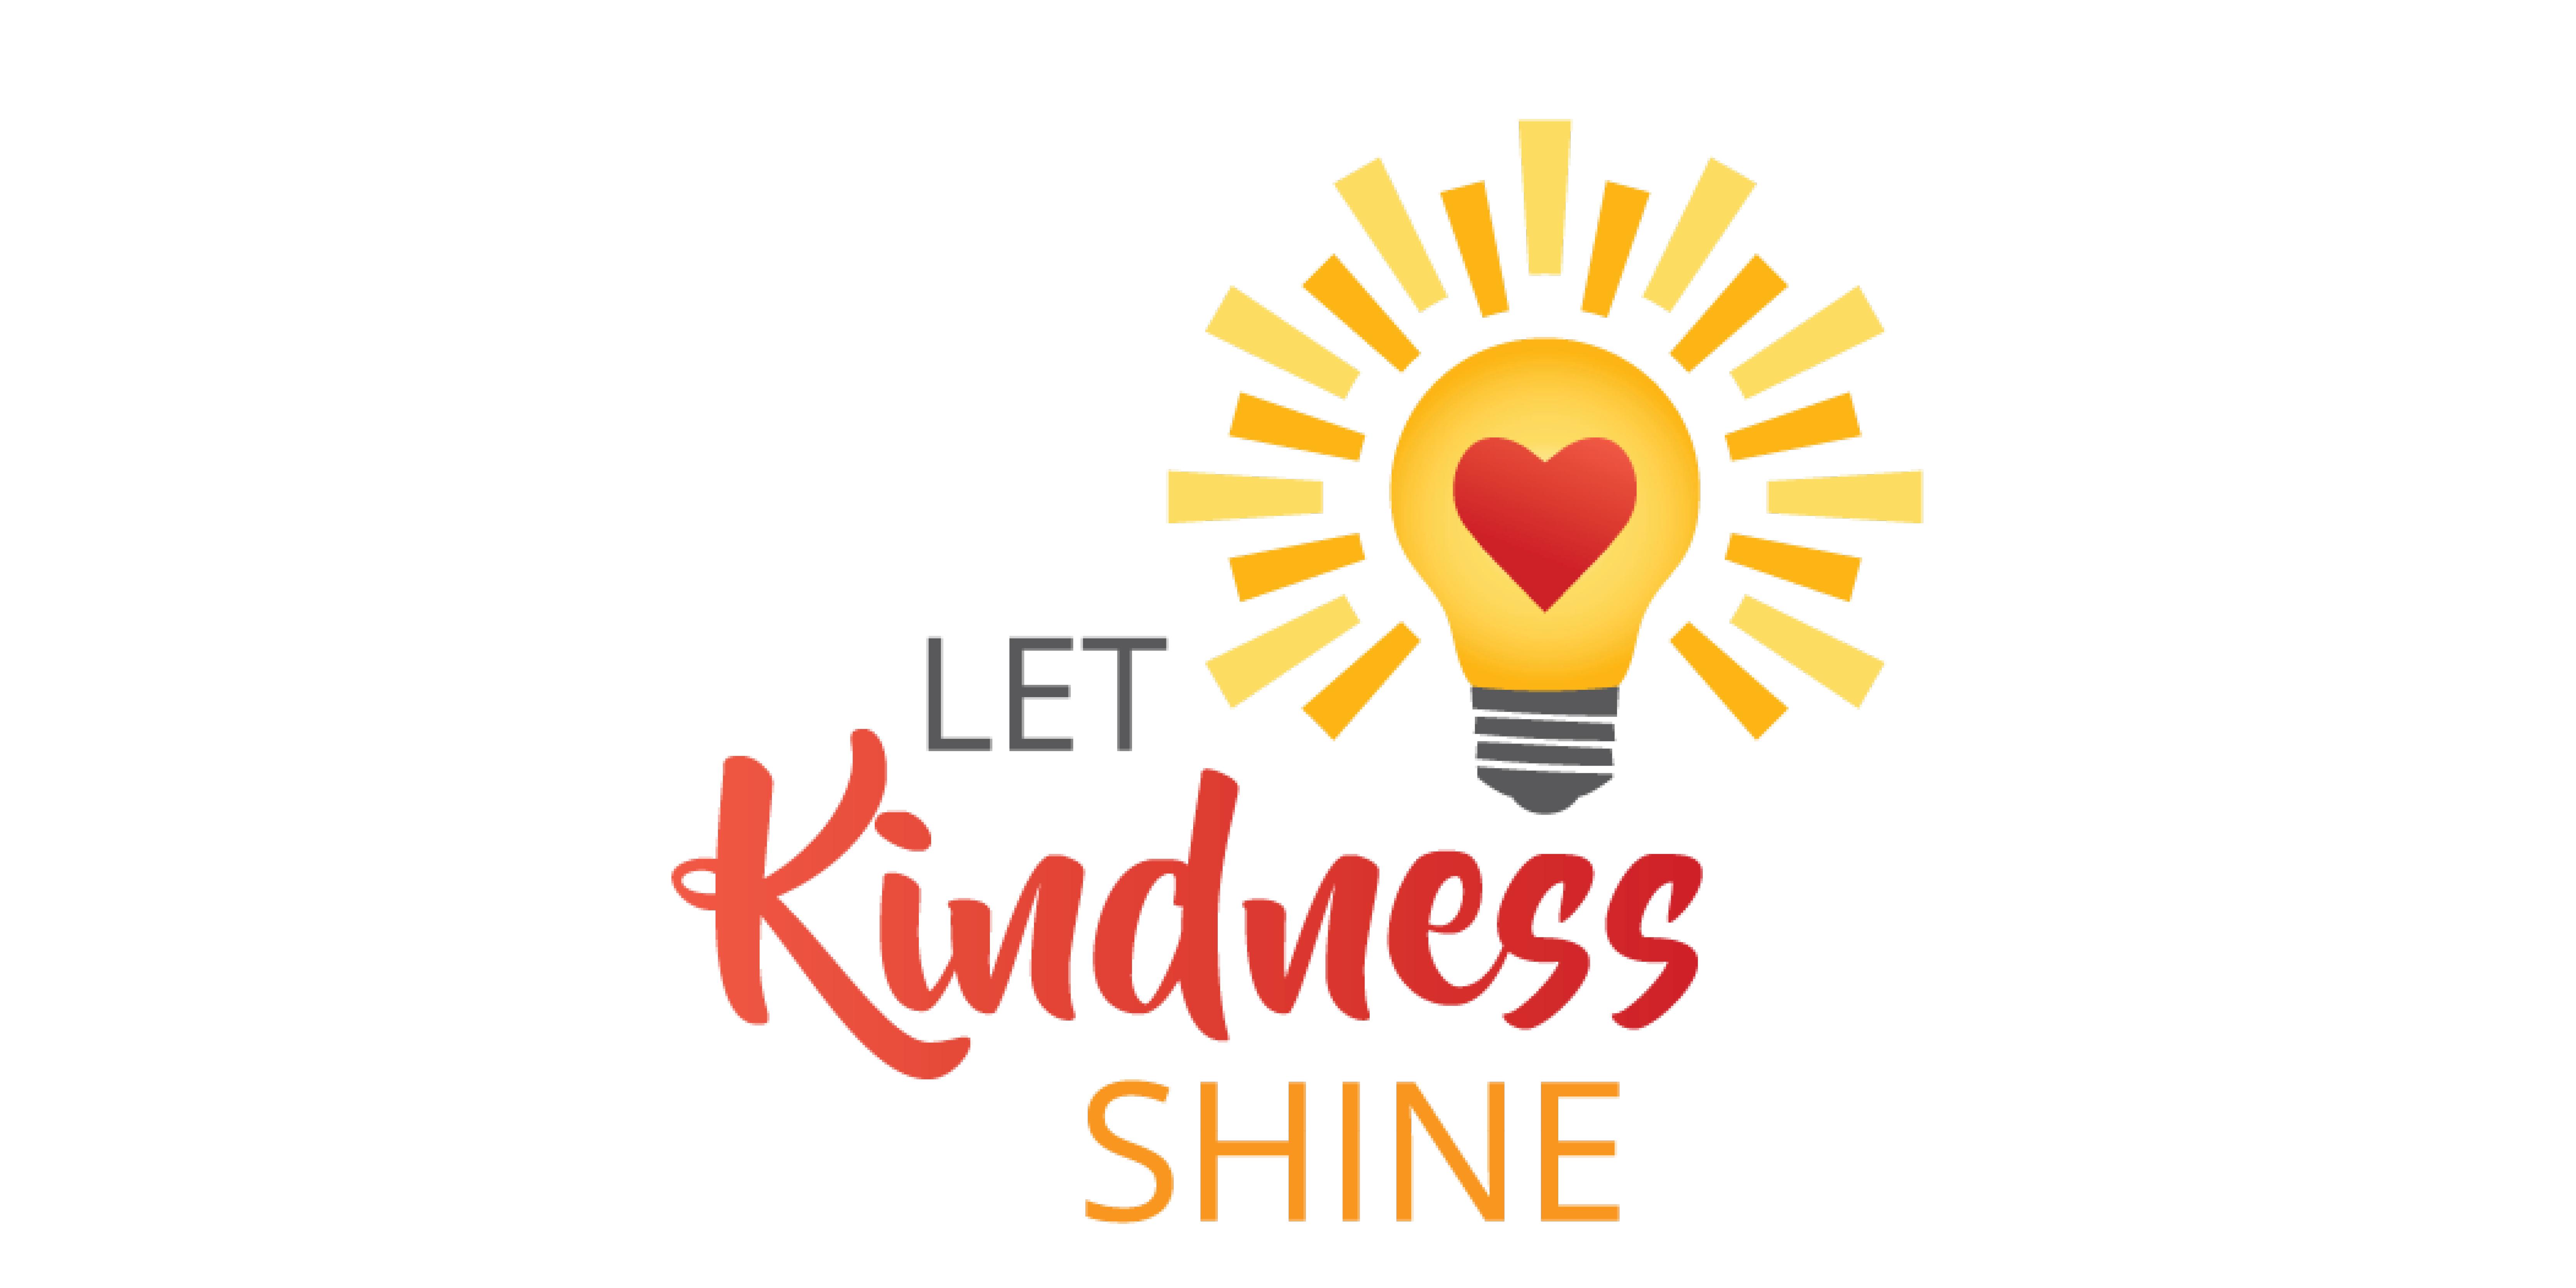 Let Kindness Shine